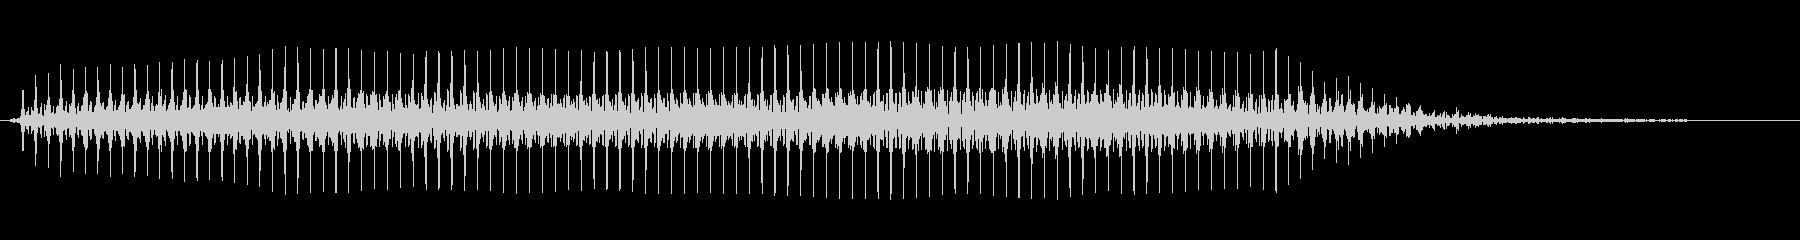 コメディホーン:ミディアムブローの未再生の波形